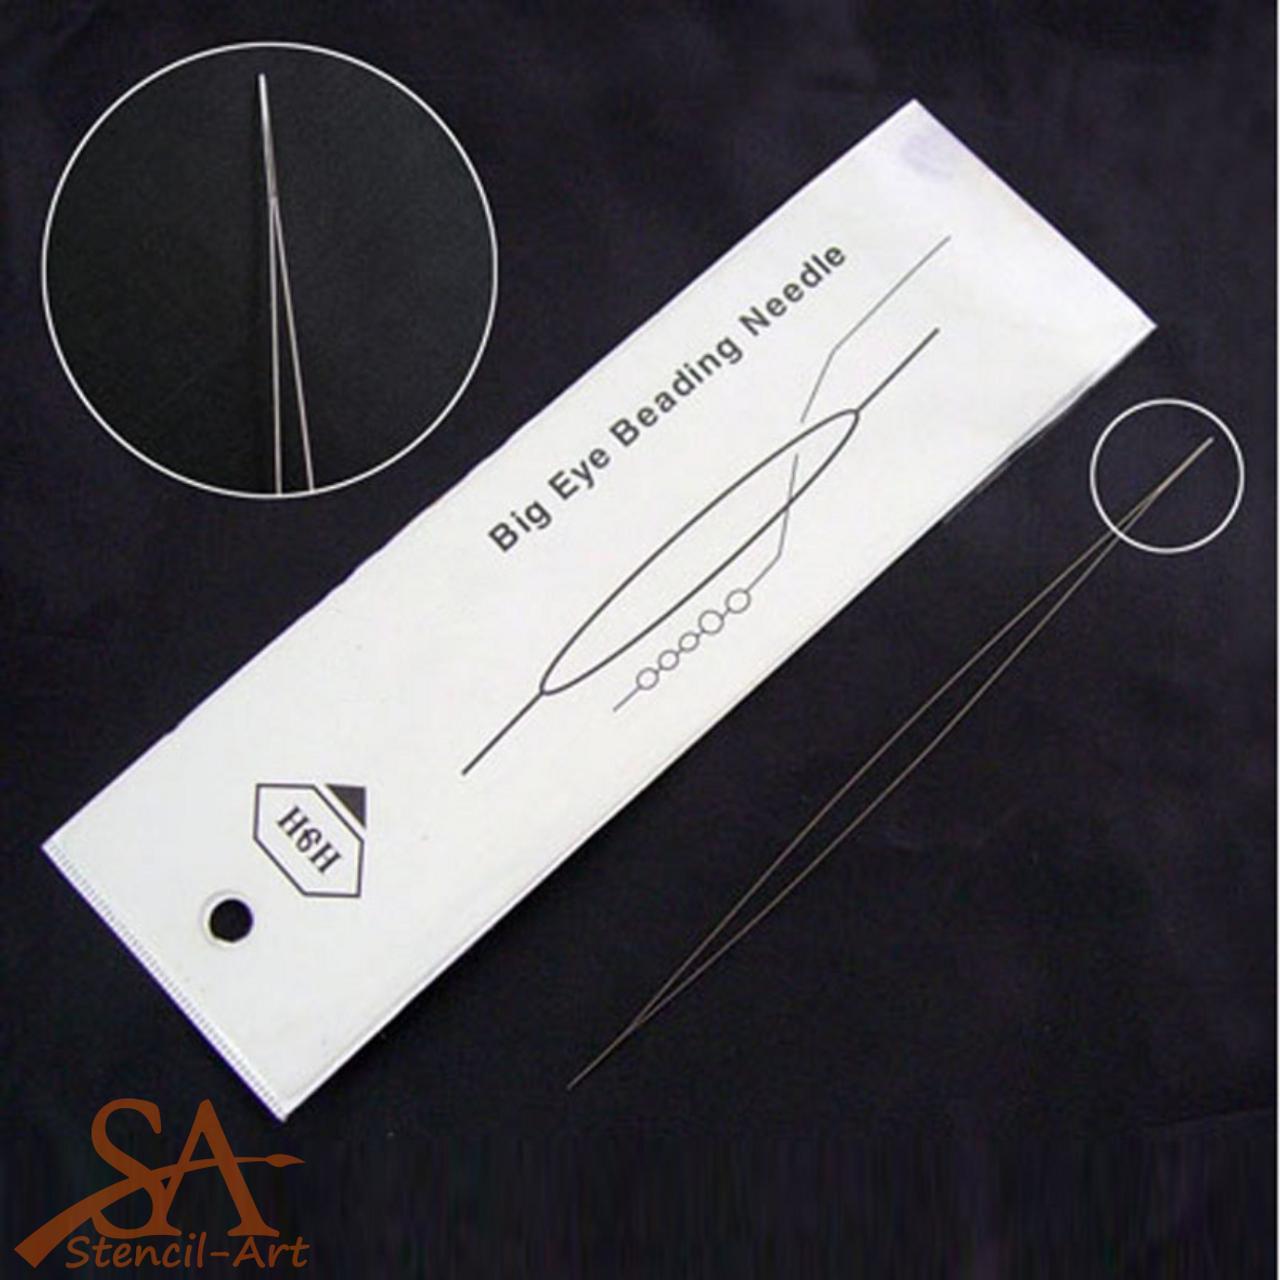 Stainless Steel Beading Needle Big Eye 75x0,3mm